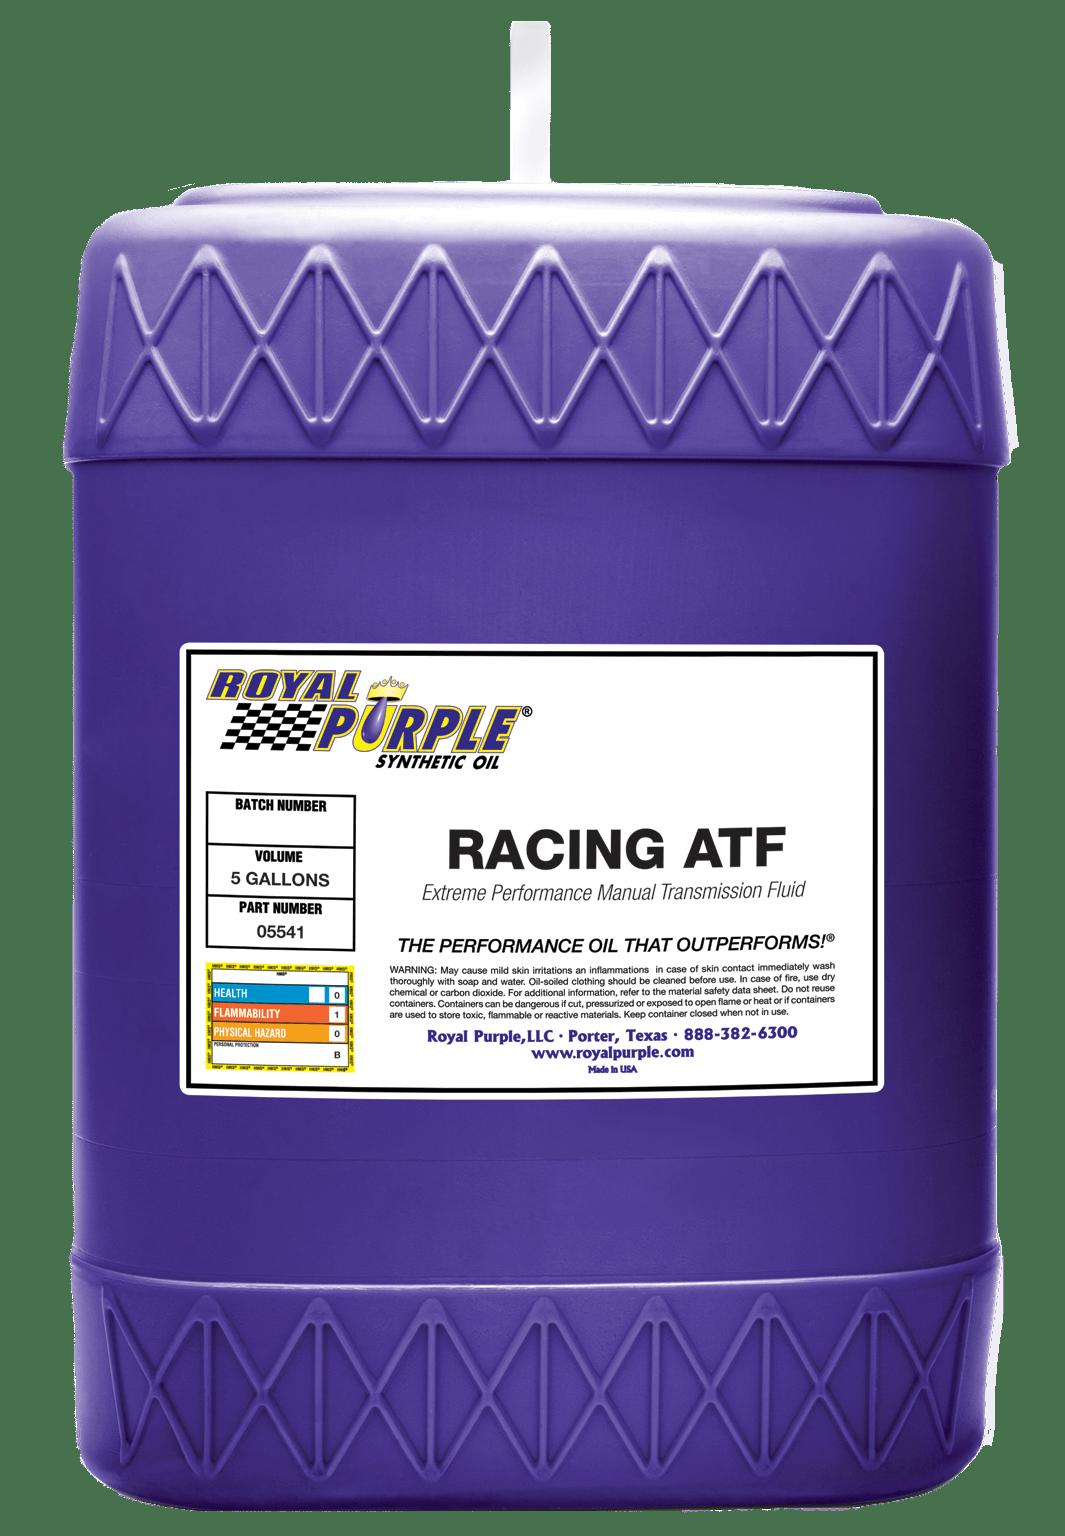 Royal Purple racing atf